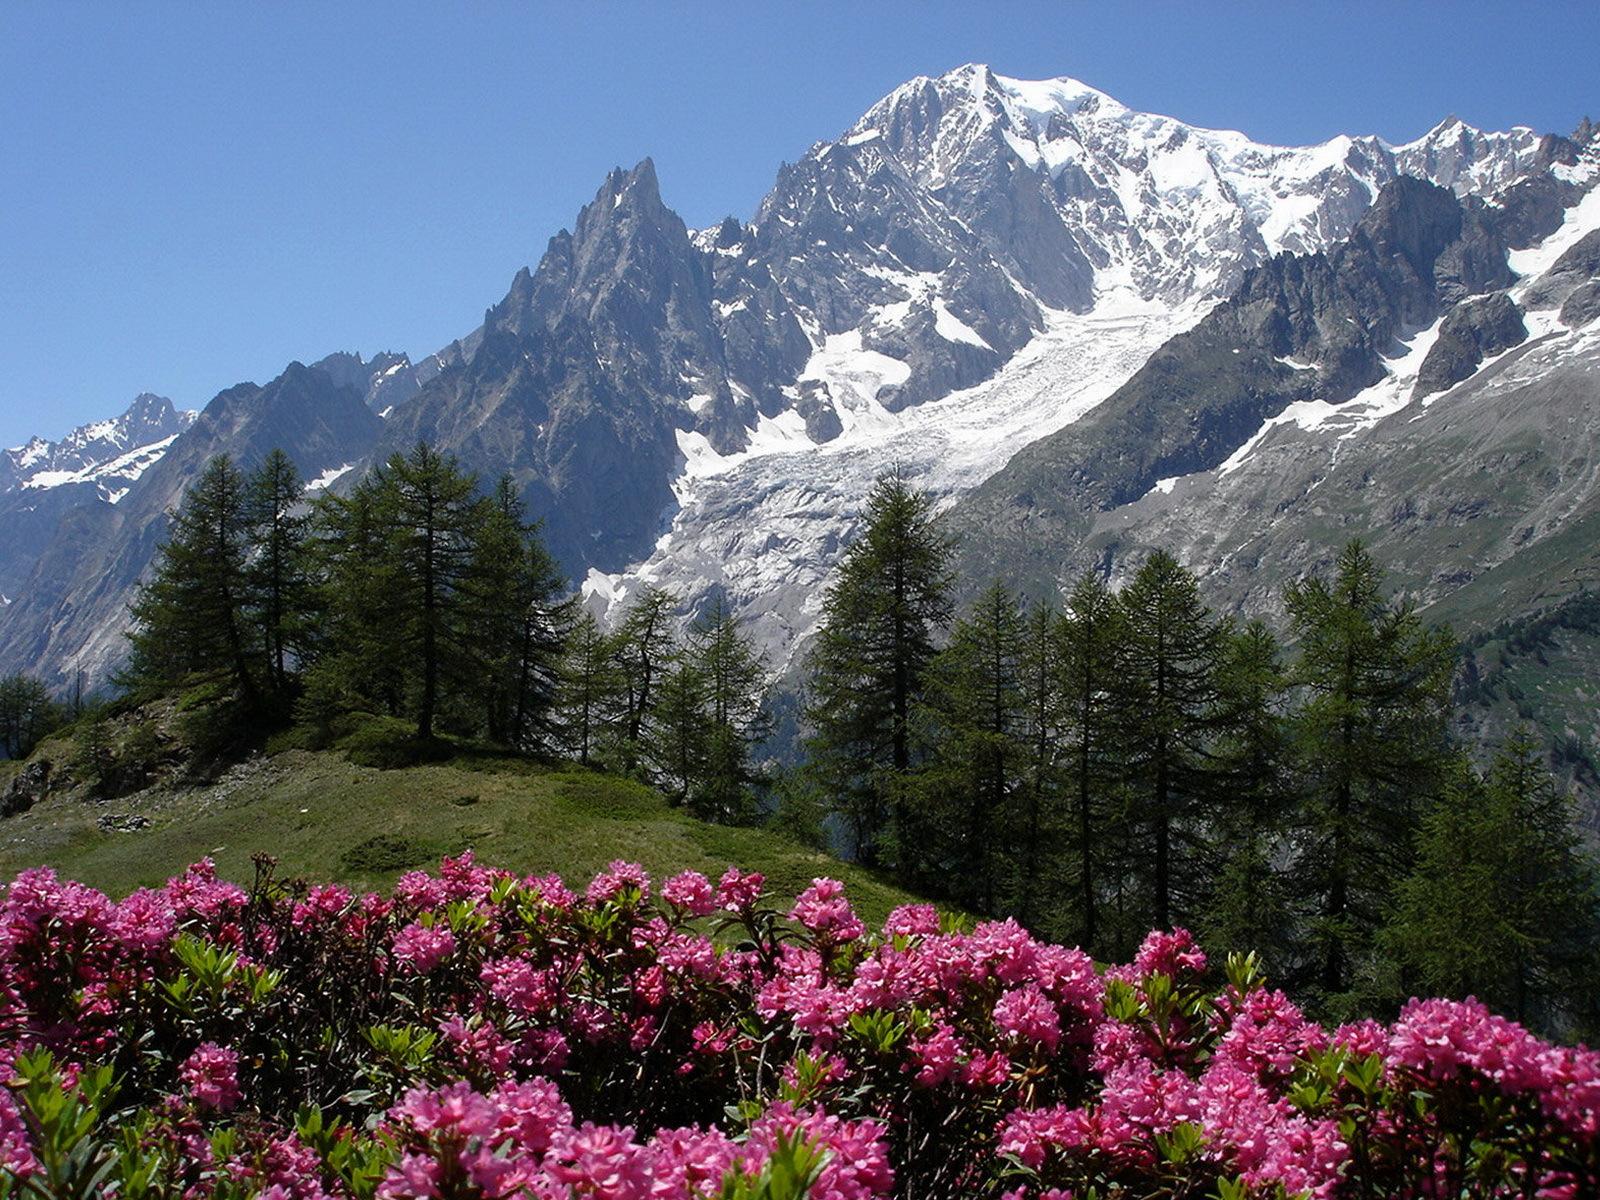 цветущие горы картинка производится монтаж